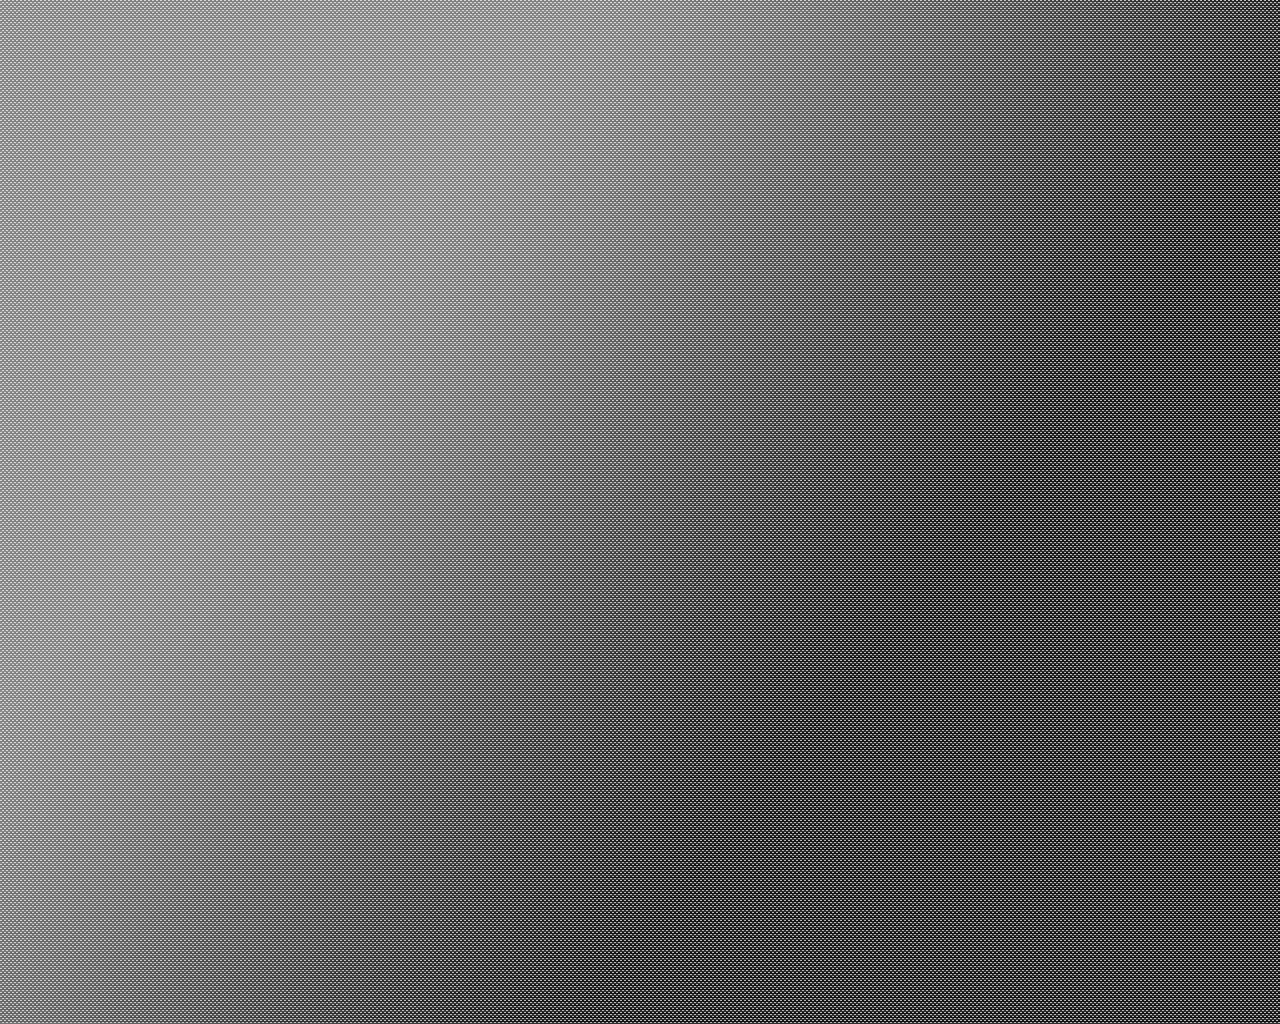 carbnon fiber texture5